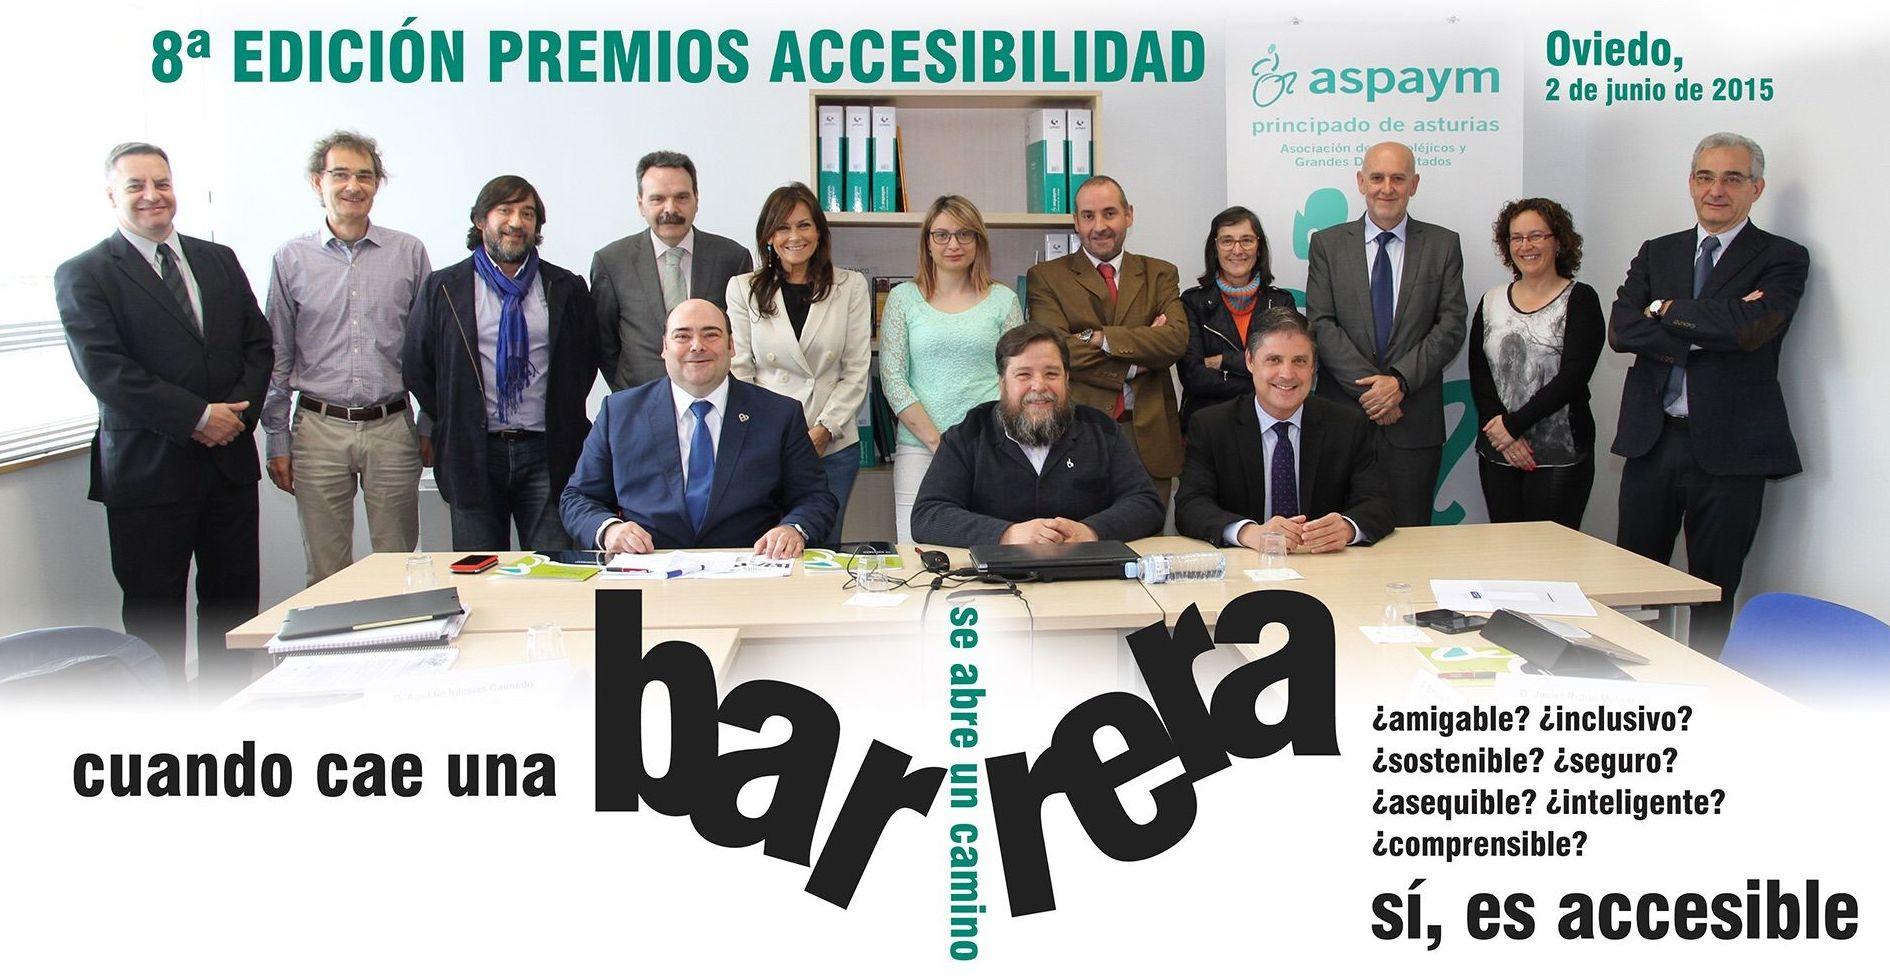 Javier Rubio Melgar, presidente de Aspaym Asturias rodeado por los miembros del jurado.